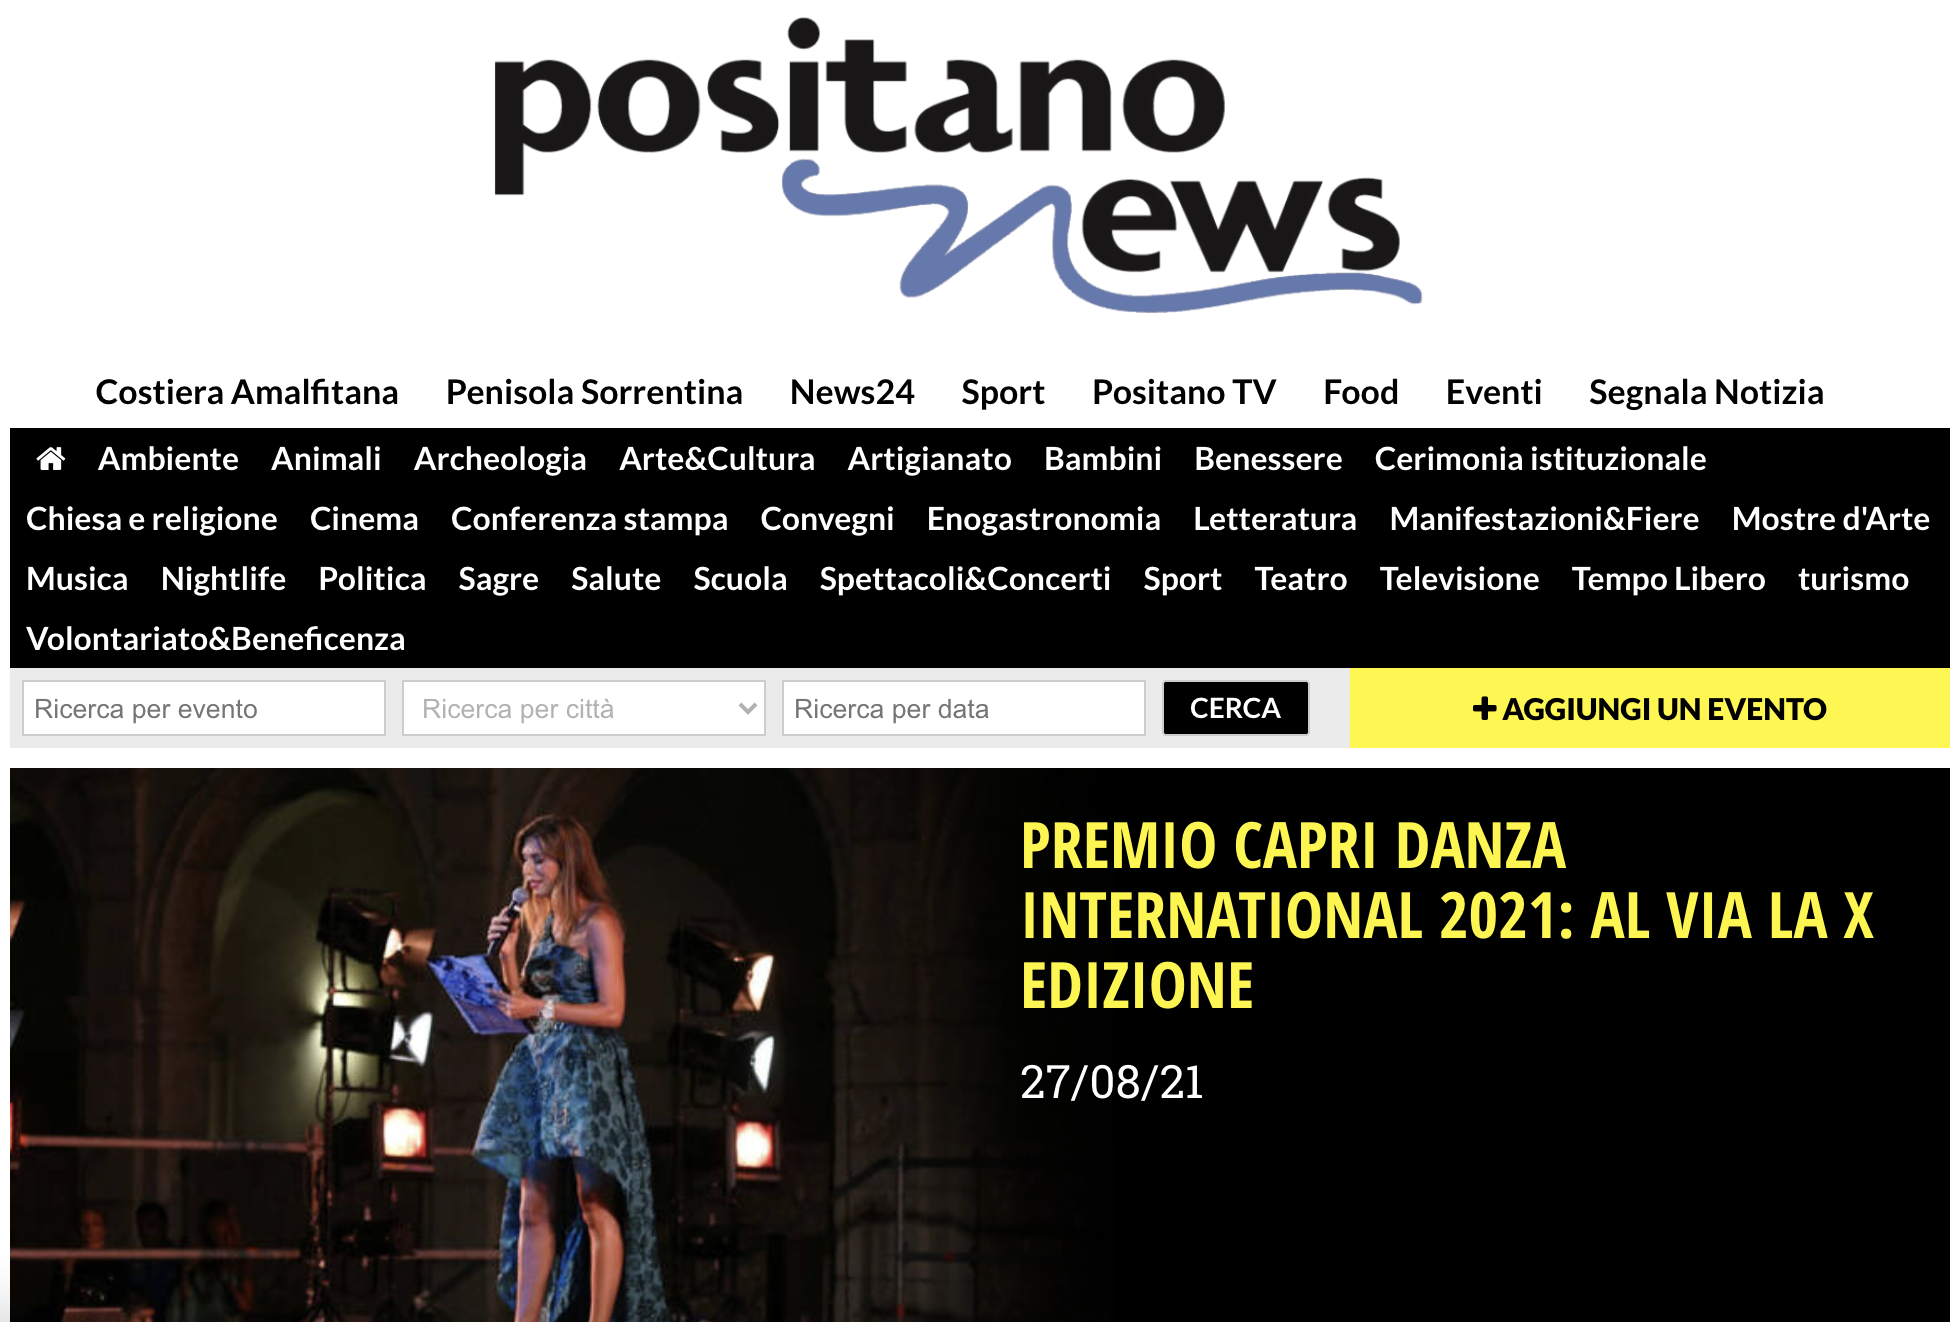 Premio Capri Danza International – PositanoNews